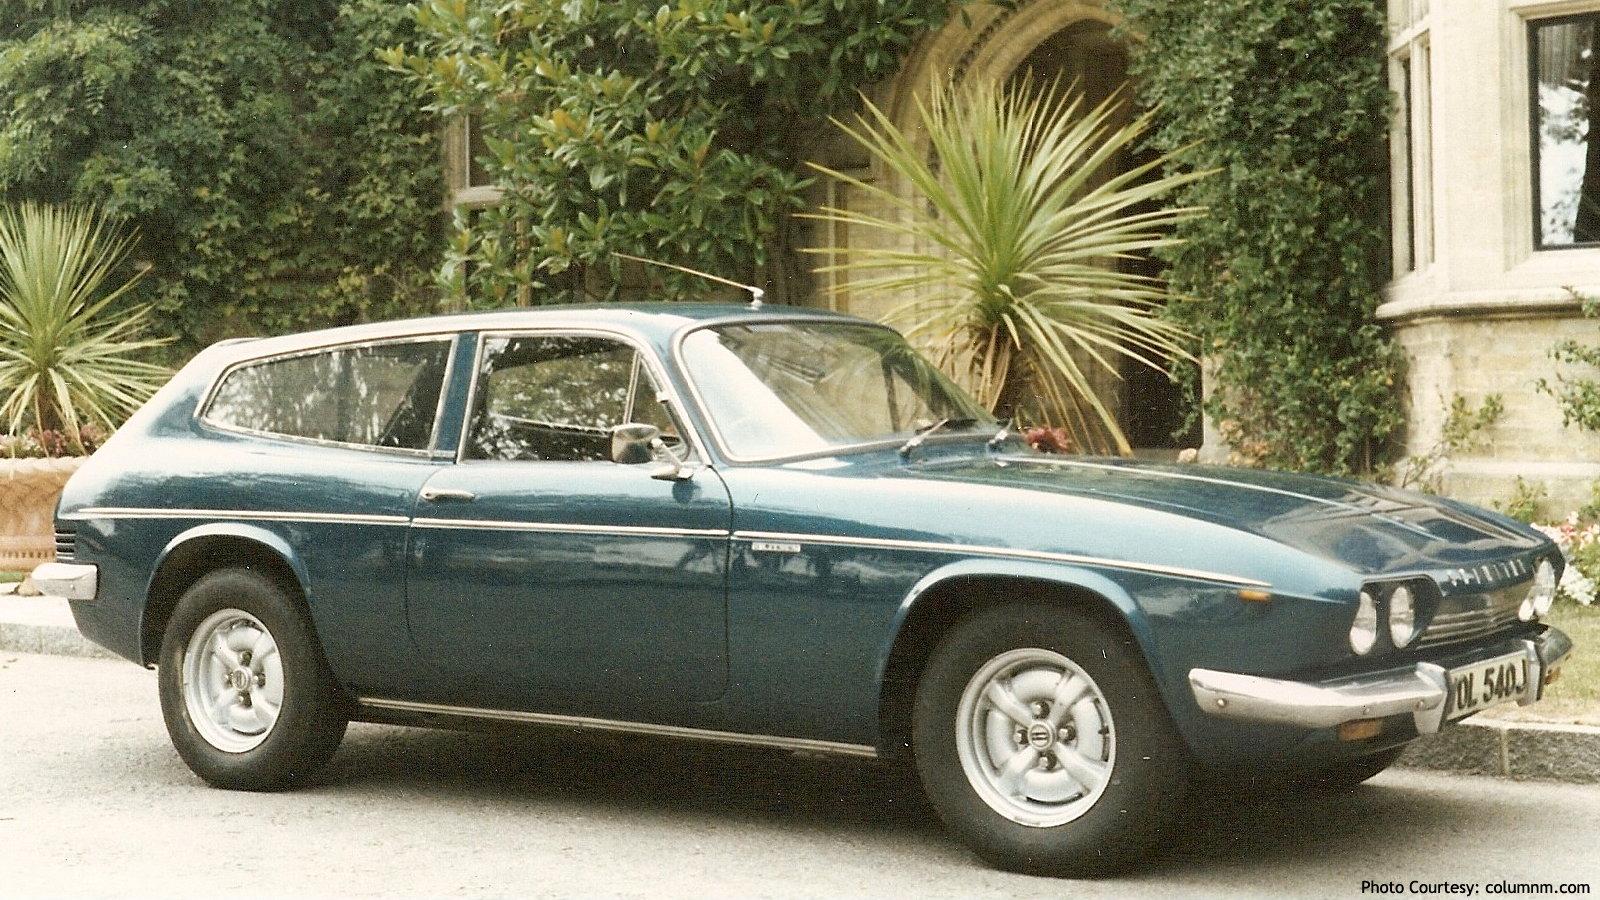 1968 Reliant Scimitar GTE